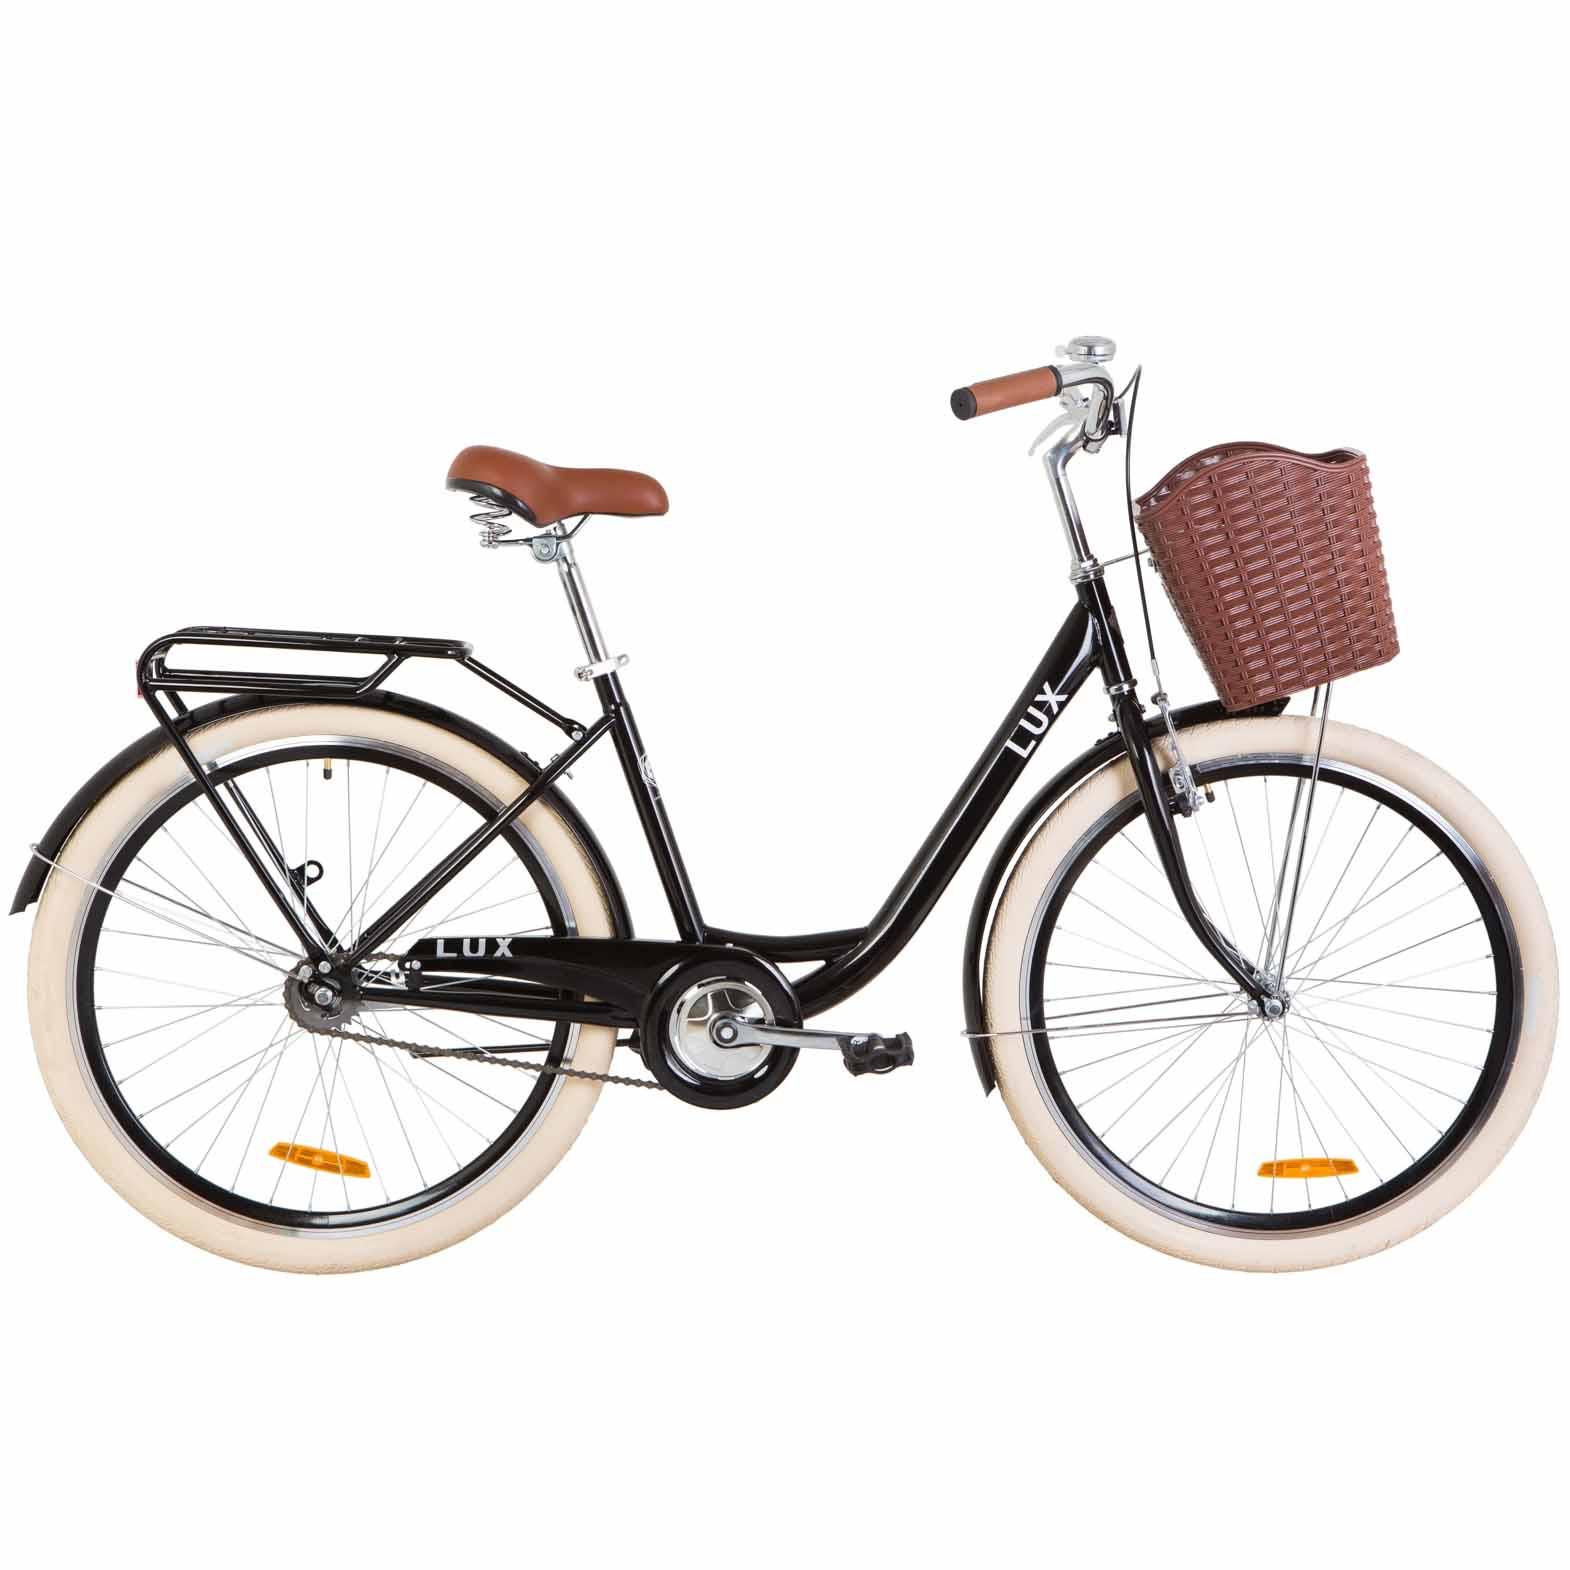 Фото Велосипед 26 Dorozhnik LUX черный 2018